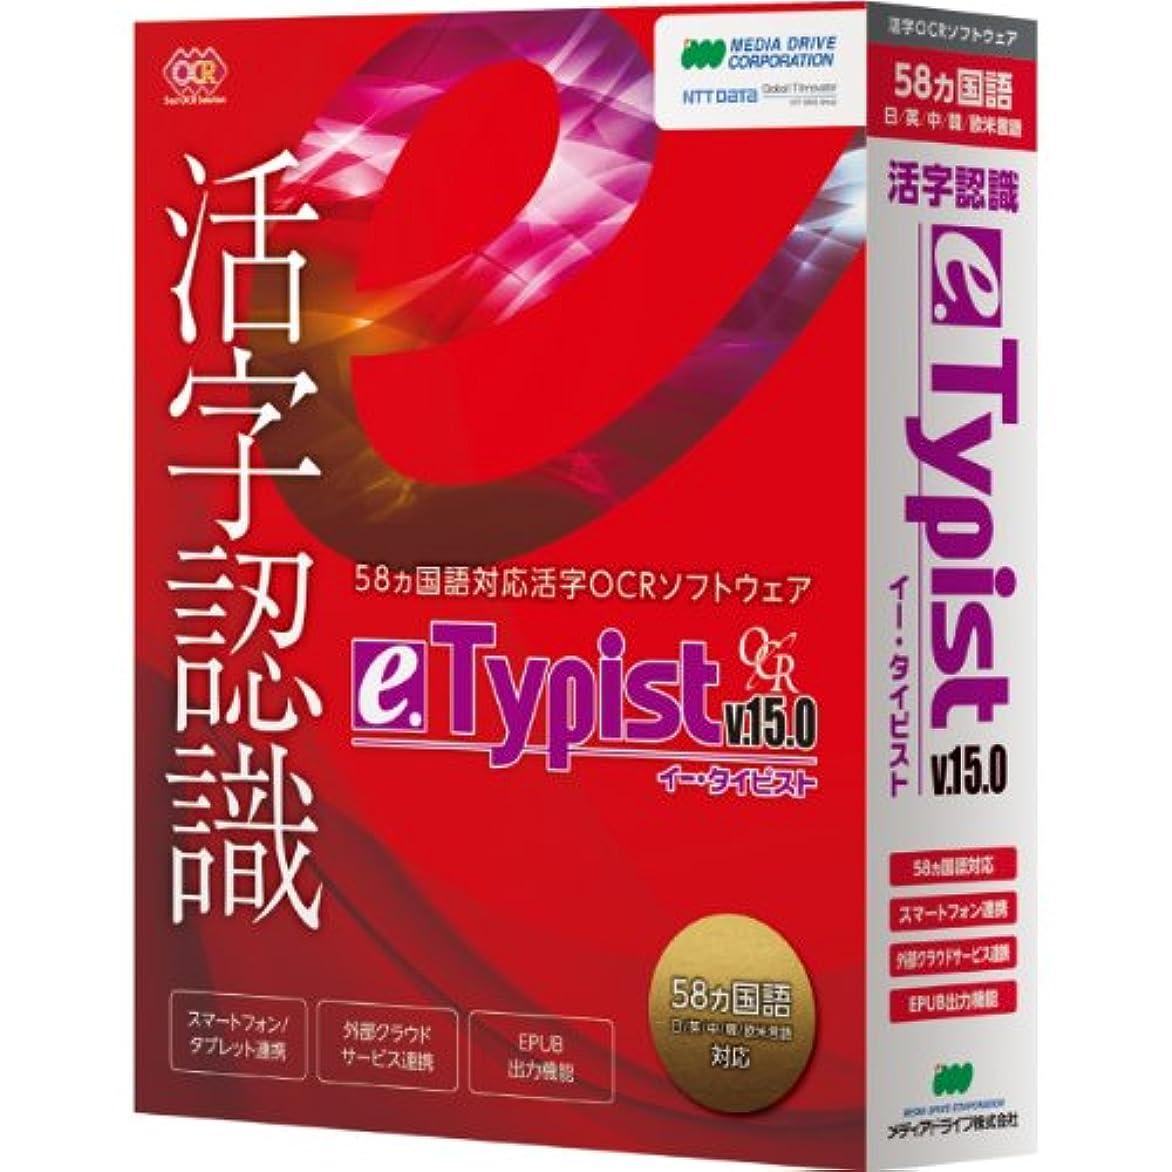 剛性経営者オリエントe.Typist v.15.0